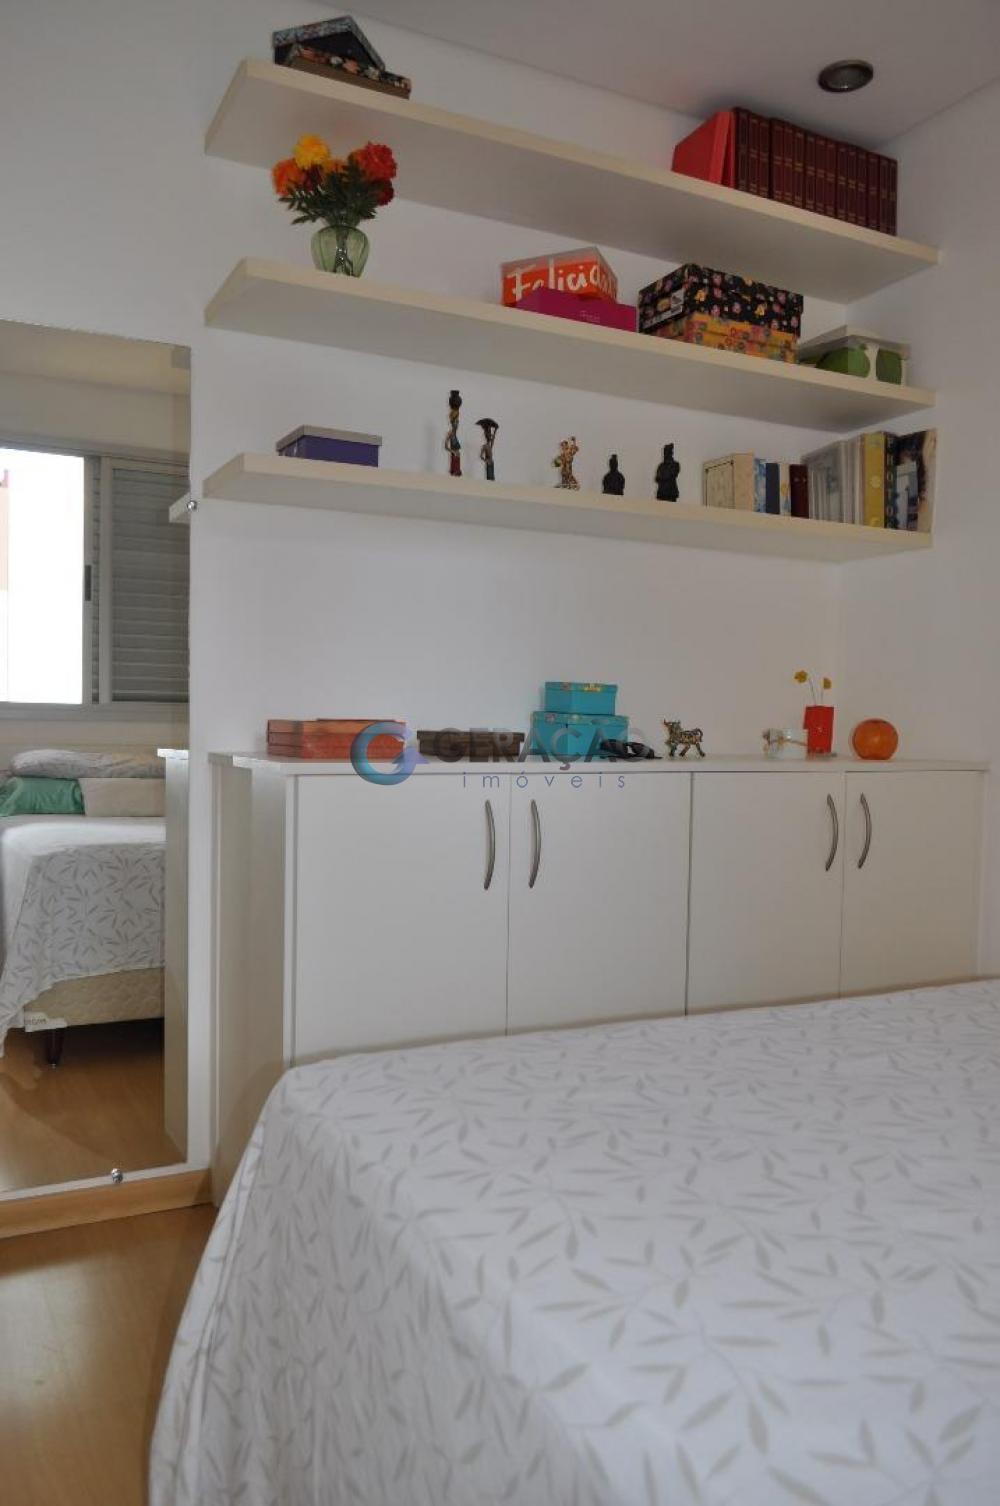 Comprar Apartamento / Padrão em São José dos Campos apenas R$ 240.000,00 - Foto 14